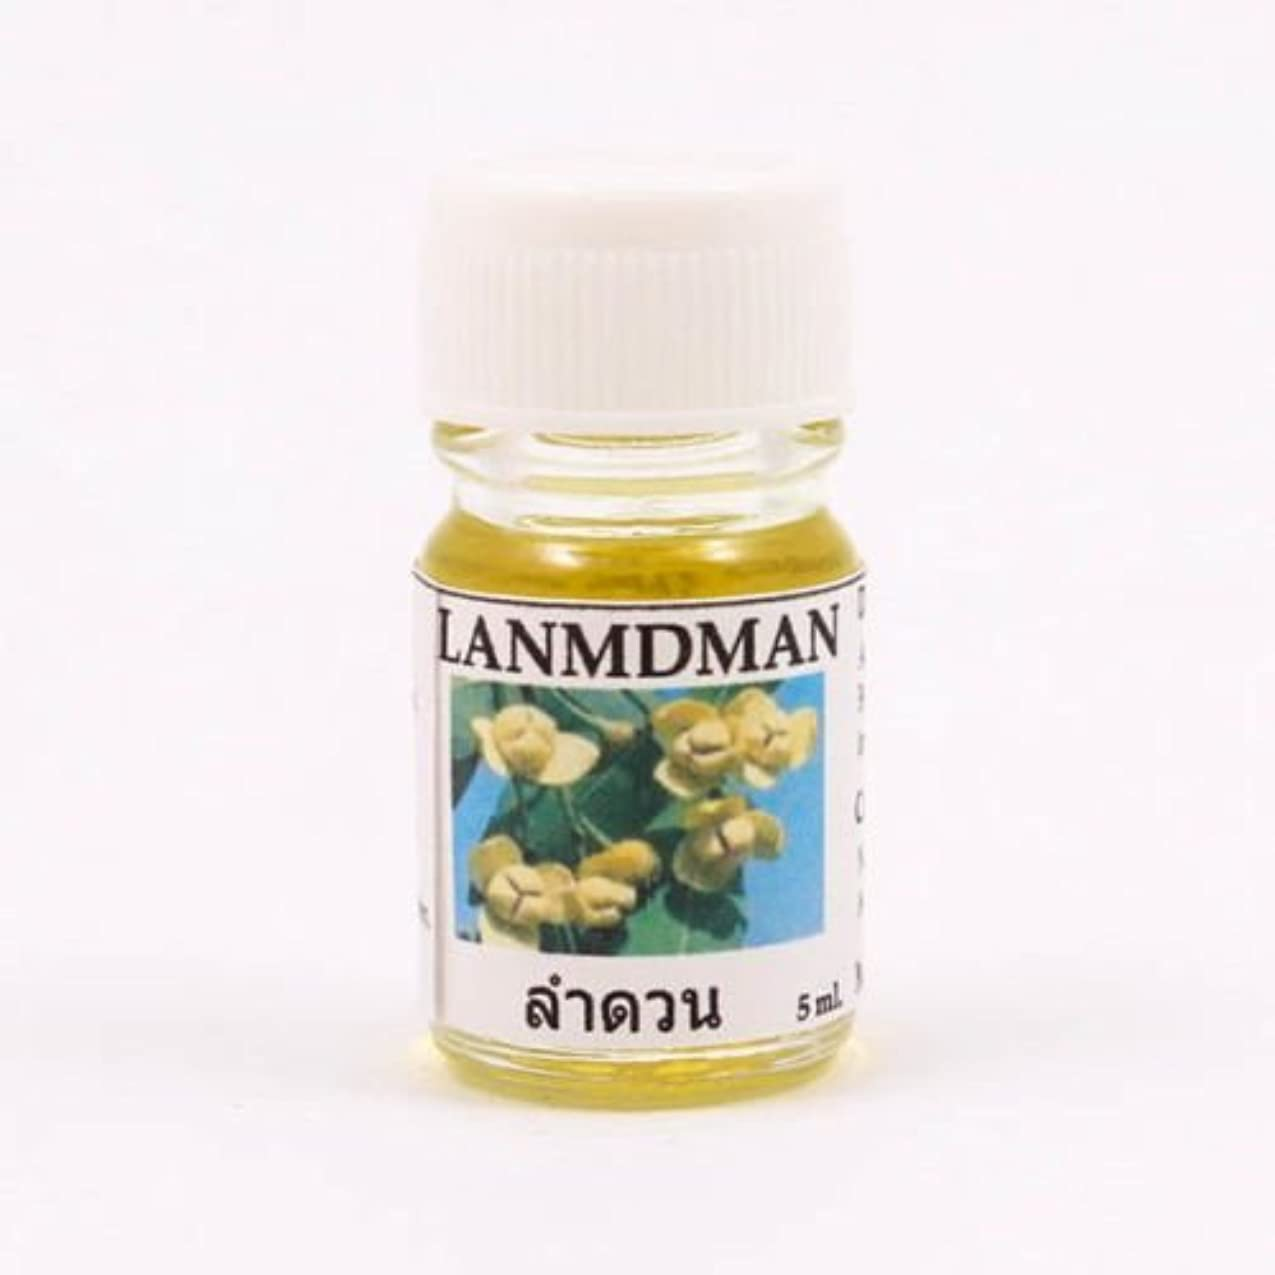 大事にするポール政府6X Lanmdman Aroma Fragrance Essential Oil 5ML. cc Diffuser Burner Therapy